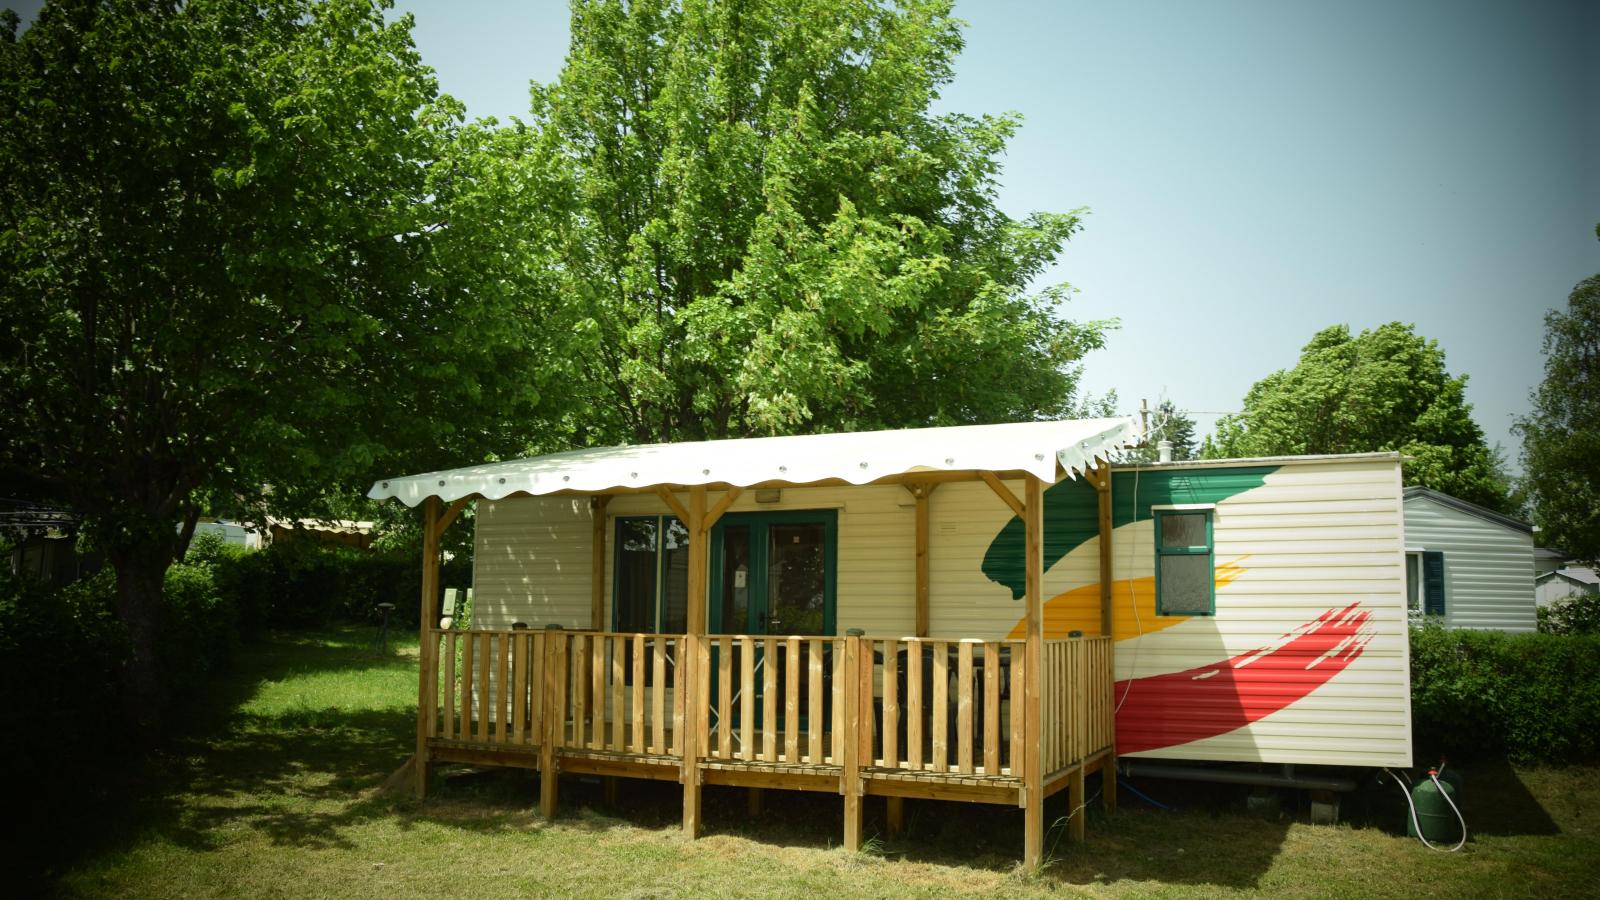 Camping de la Belle Etoile à St-Bonnet-le-Château 42380